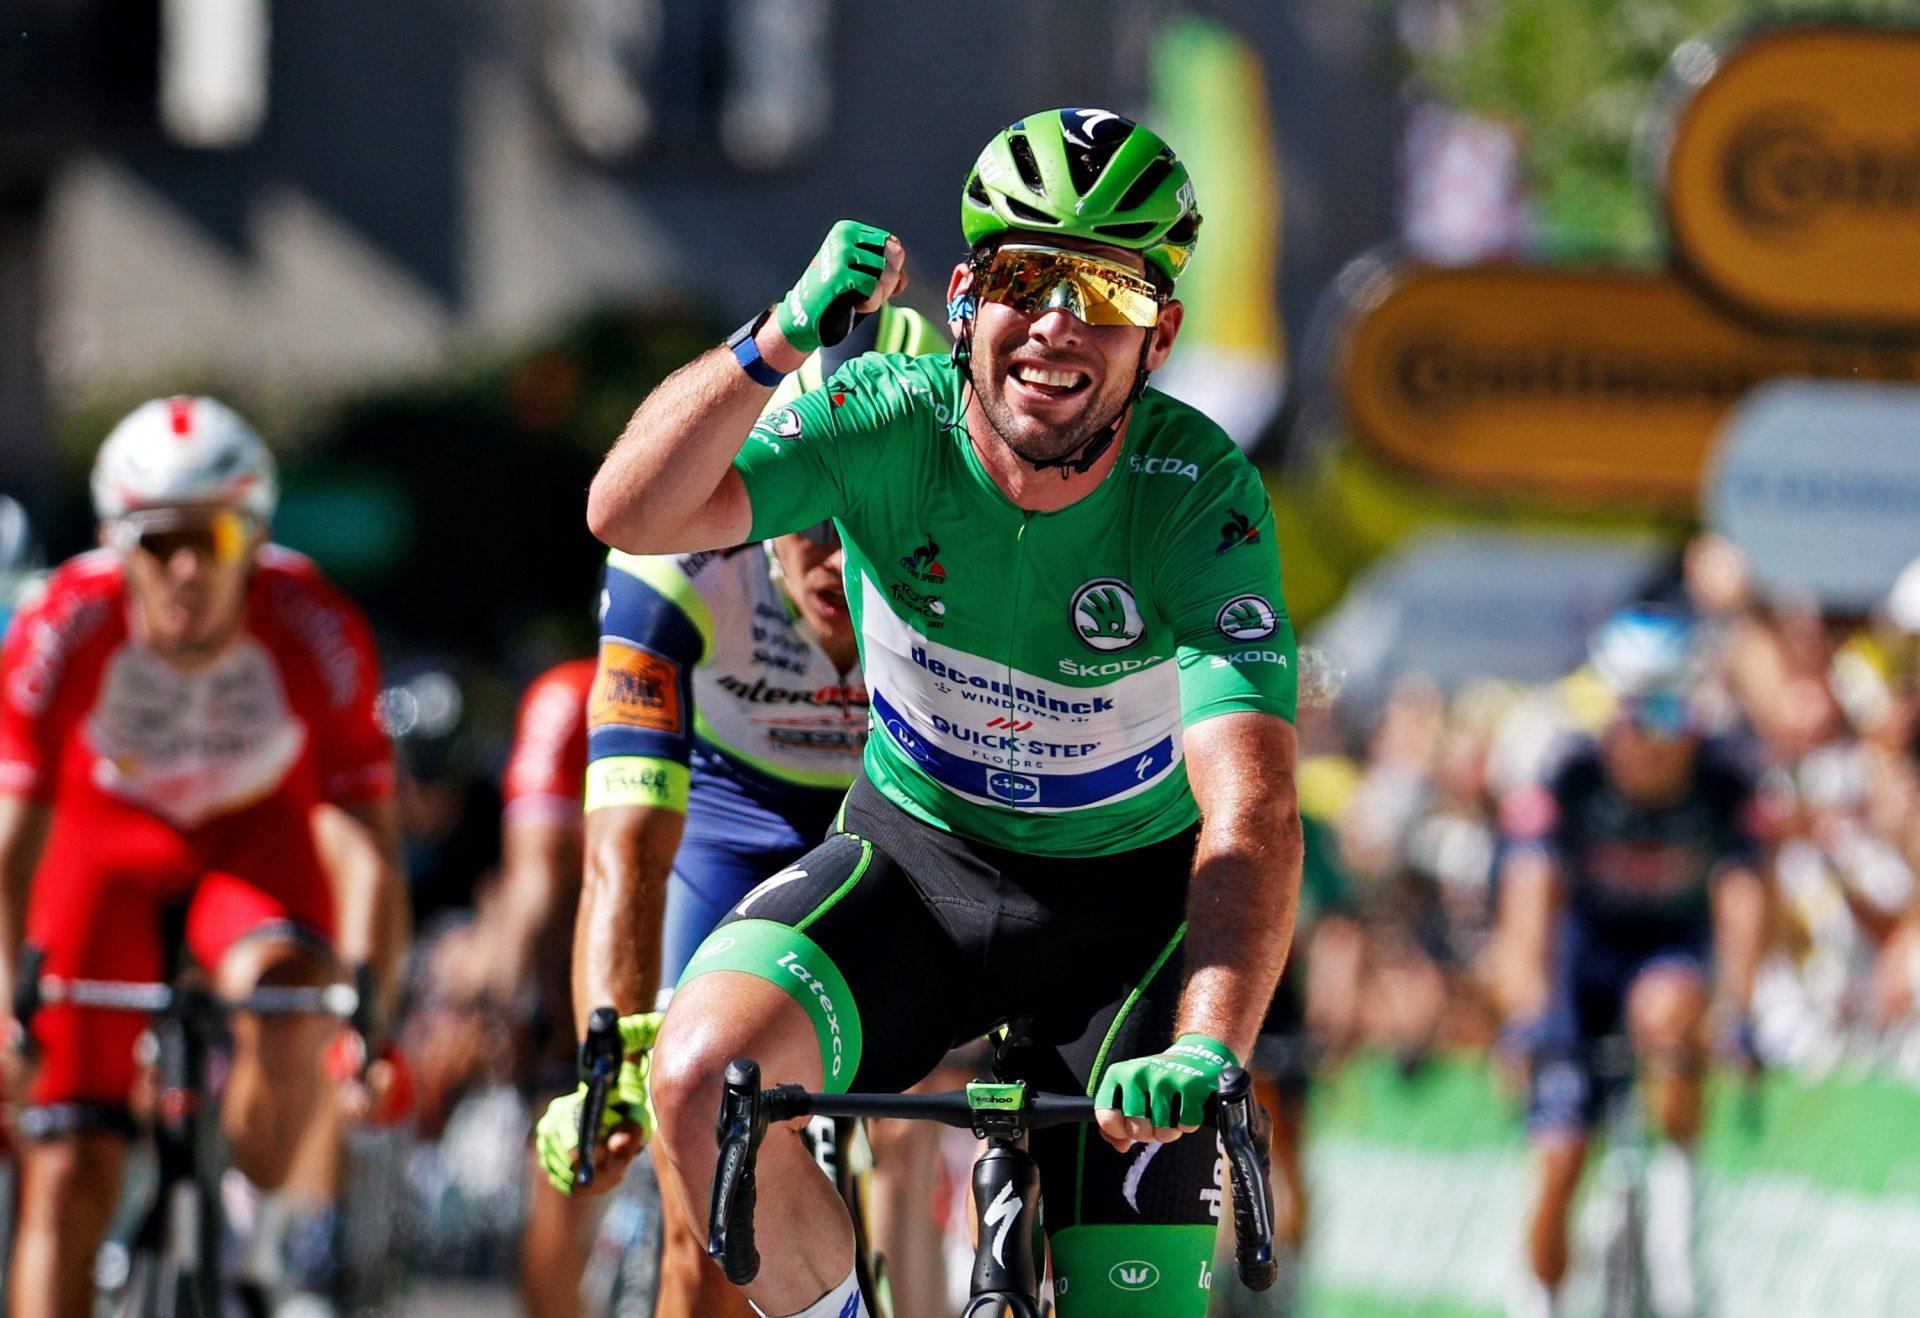 Mark-Cavendish-Tour-de-France-Stage-13-Victory-_Tim-De-Waele-Getty-Images